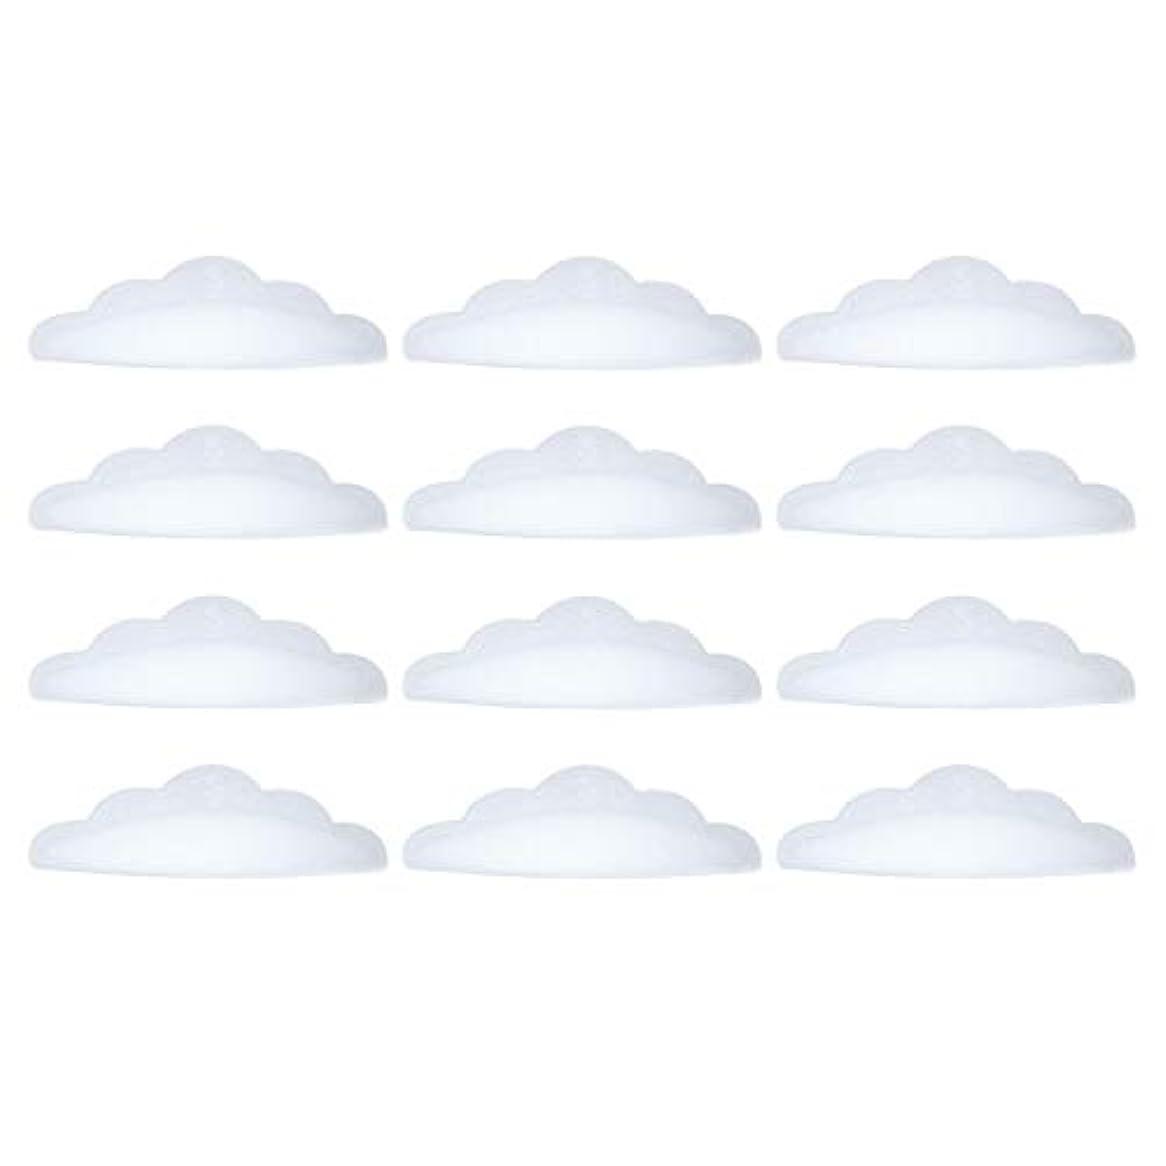 ブラインドデンプシー過敏なMigavan 9ペア シリコーンまつげパッド まつげパーマパッド防水シリコーンまつげパーマカーラーシールドパッドアイラッシュリフトホルダー